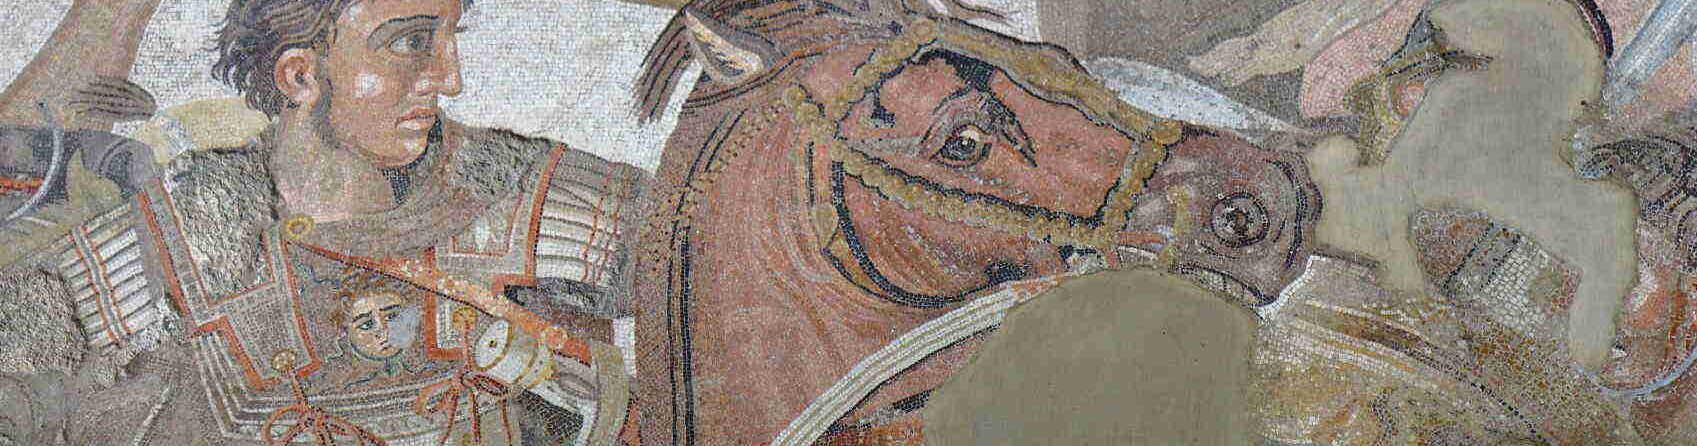 Pompéi Visite privée depuis Rome